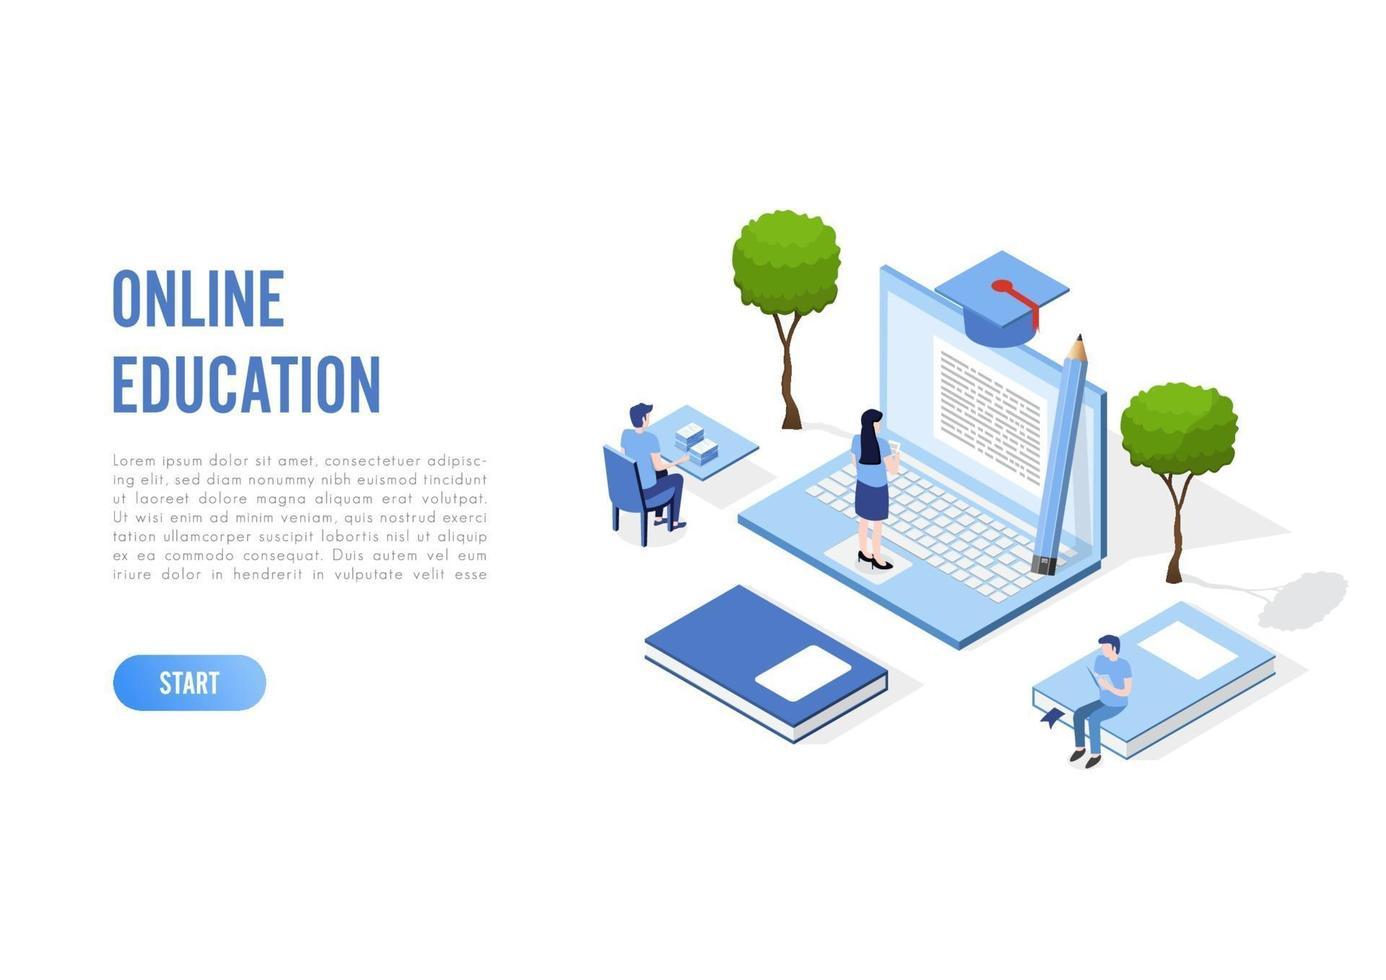 bannière de concept d'éducation en ligne avec des personnages. peut utiliser pour la bannière Web, les infographies, les images de héros. illustration vectorielle plat isométrique isolé sur fond blanc. vecteur